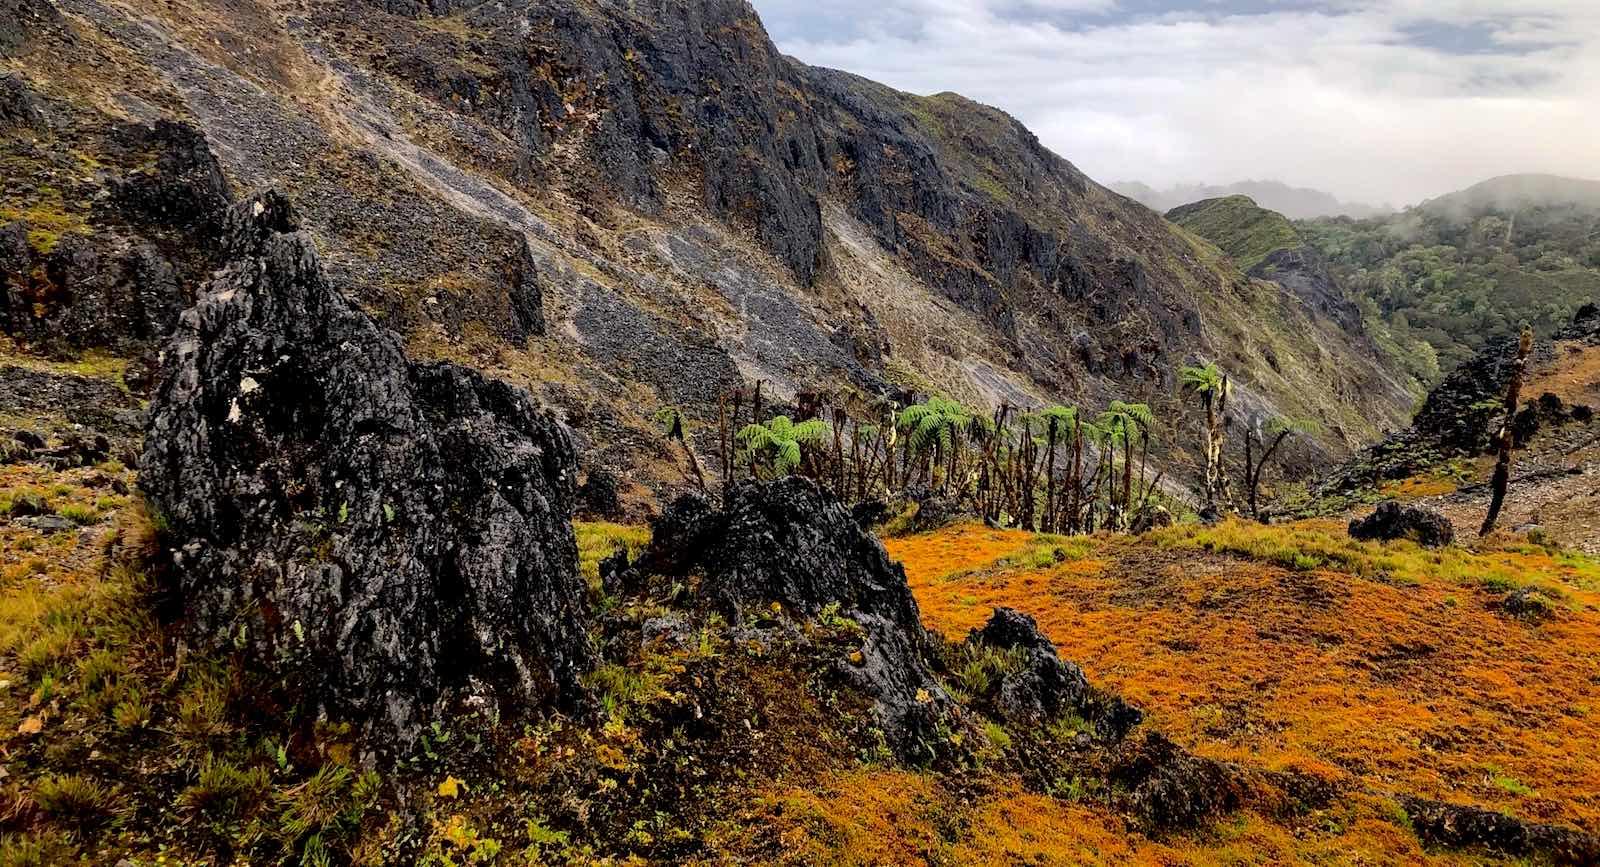 Near the peak of Gunung Binaiya, Seram, Indonesia (Caroline Scott)